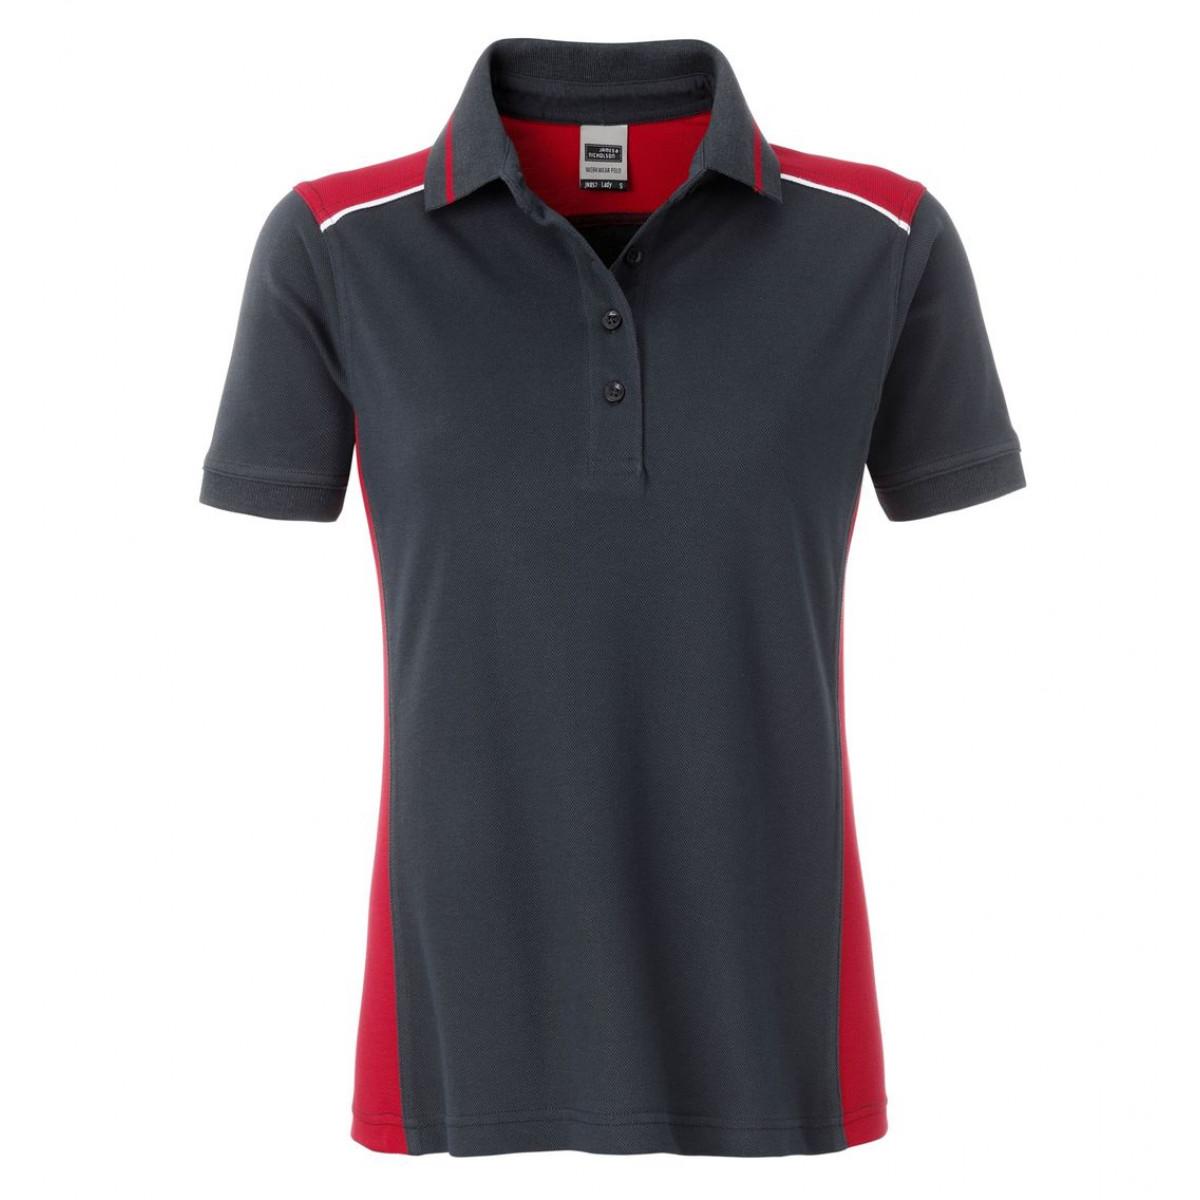 Рубашка поло женская JN857 Ladies Workwear Polo-Level 2 - Темно-серый/Красный